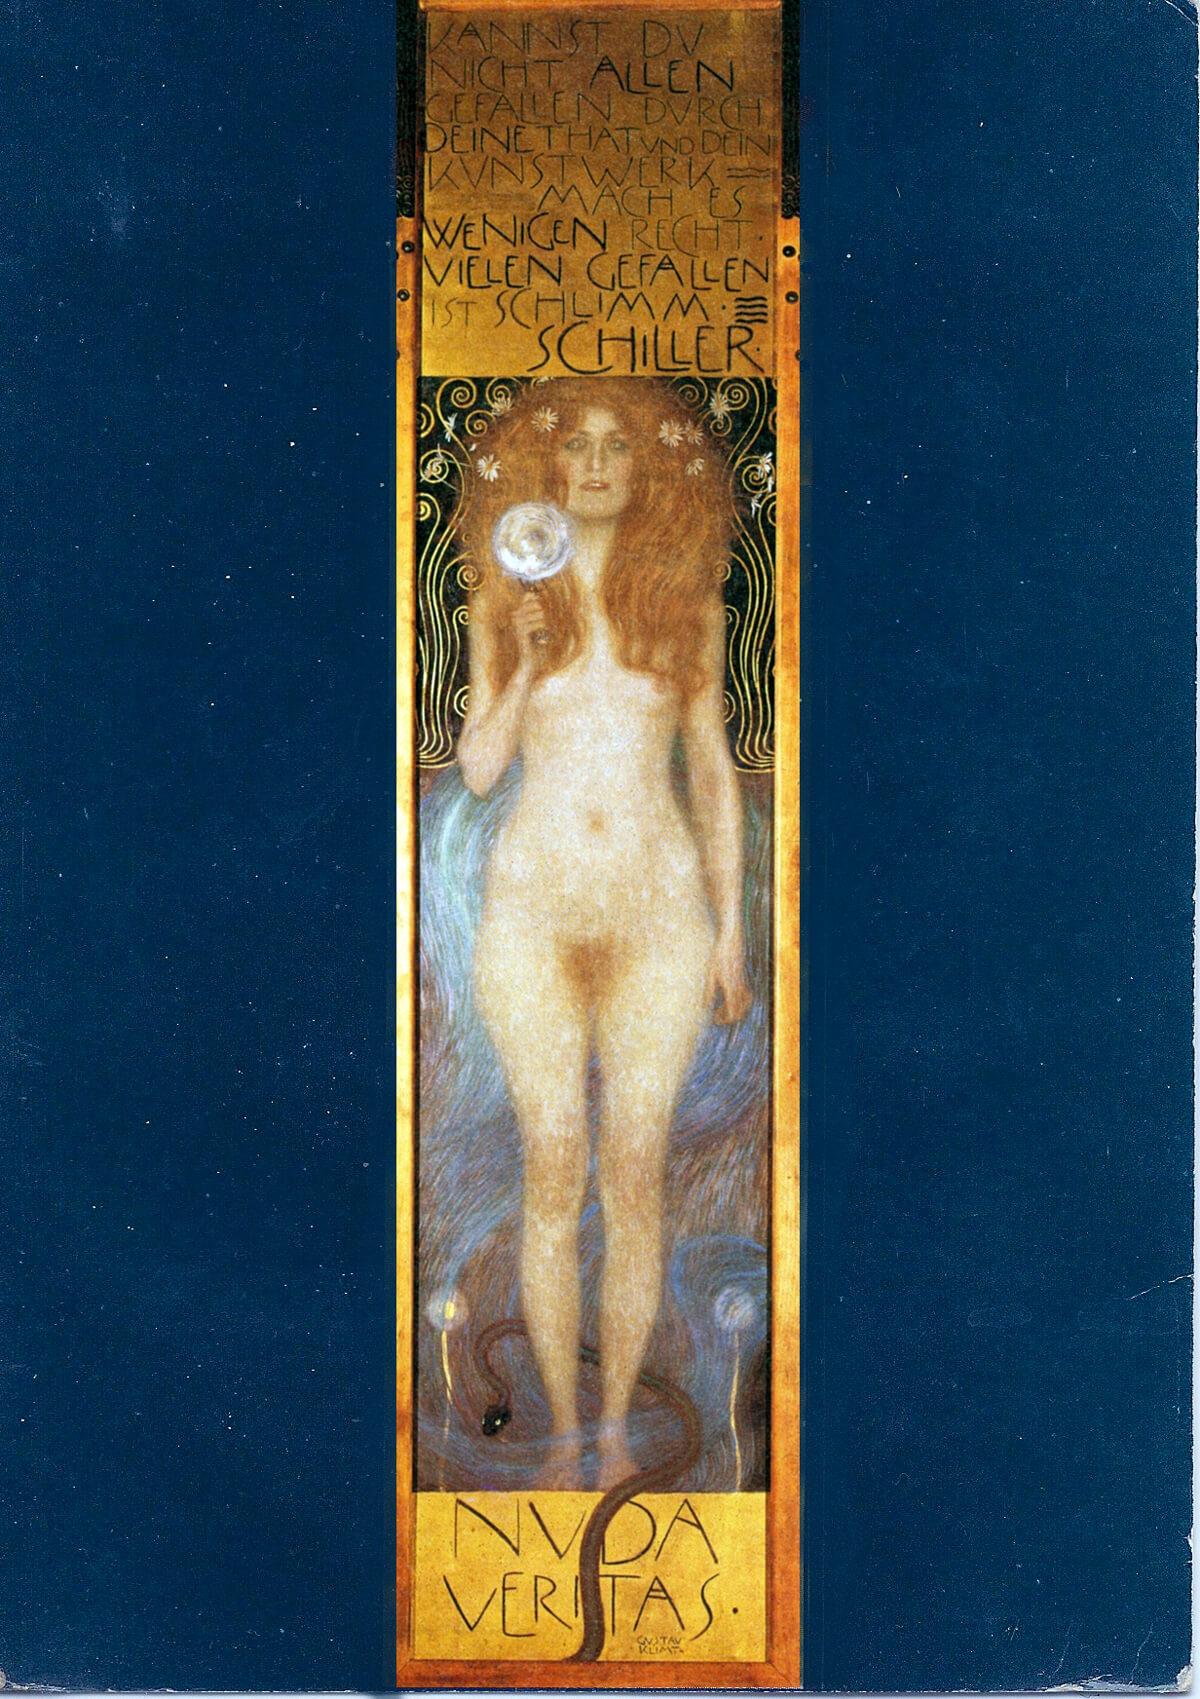 El oro de Klimt, Nuda Veritas